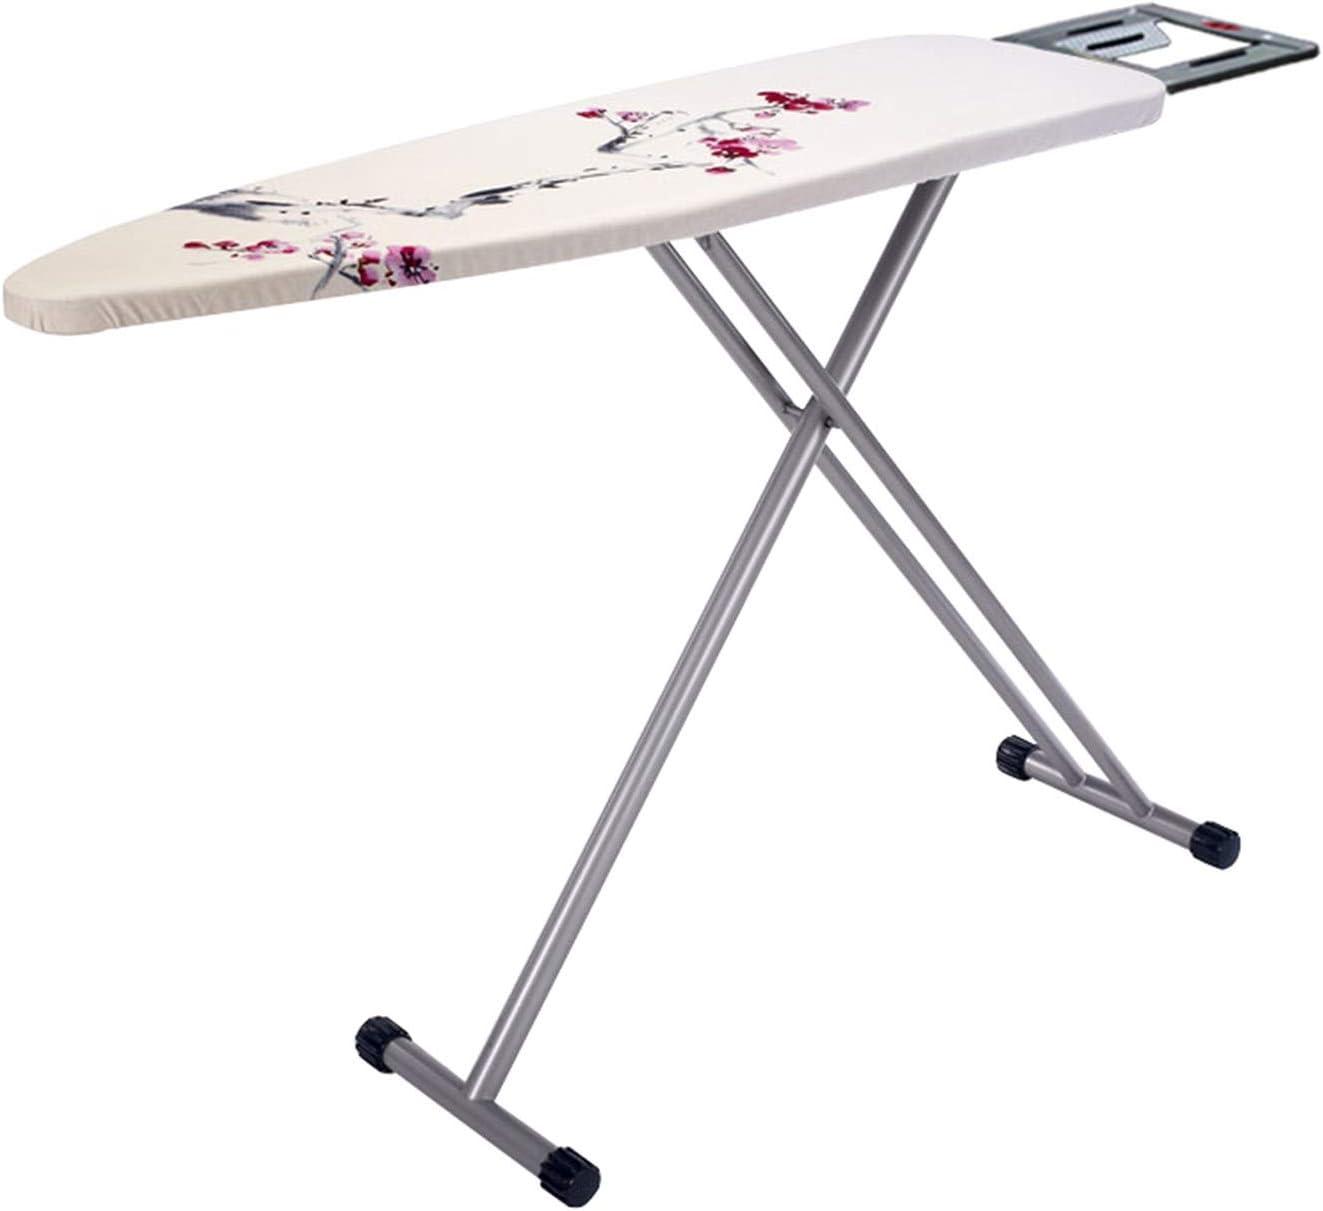 Estudio de ropa Tabla de metal de planchado, Cuarto de Lavado hotel tabla de planchar color cubierta de tela transpirable tabla de planchar T-pata de la mesa de planchado, 130.5 * 33 * 90cm Transpirab